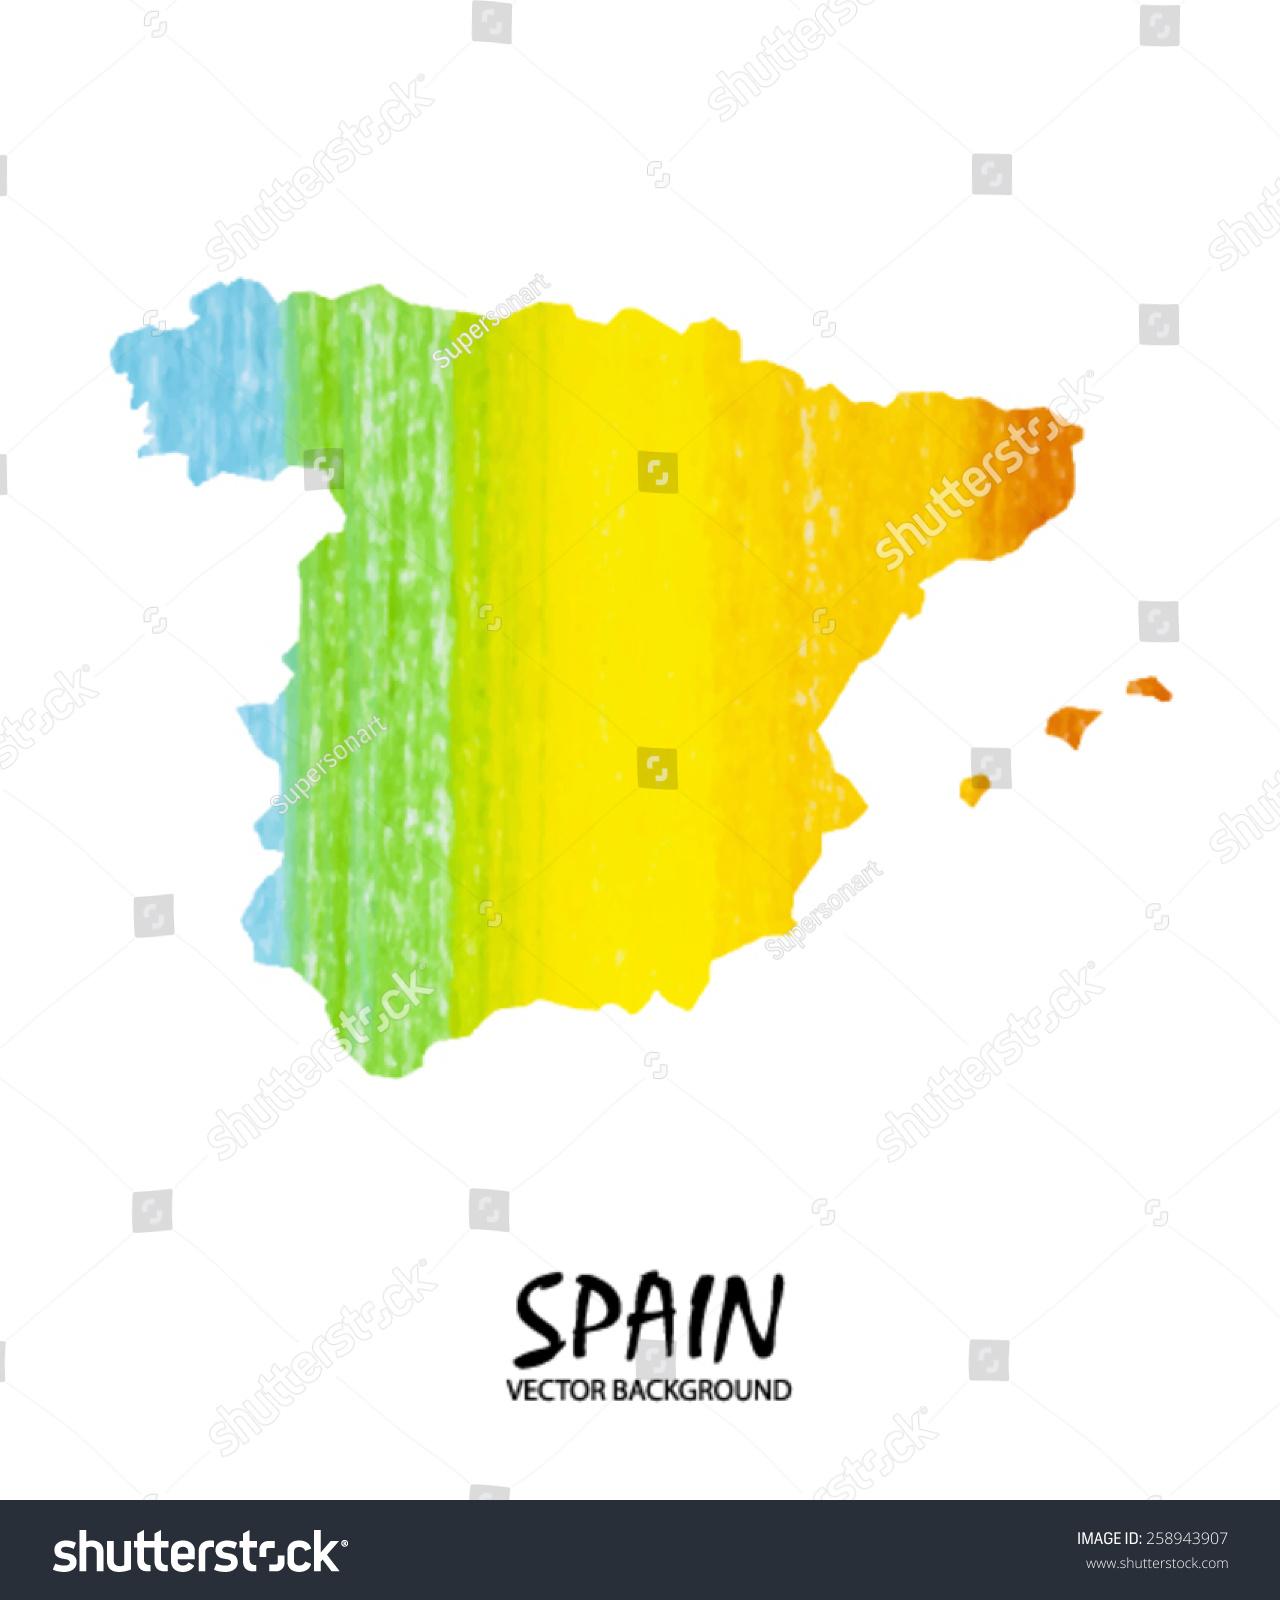 手绘地图西班牙孤立在白色铅笔中风.向量的版本-艺术